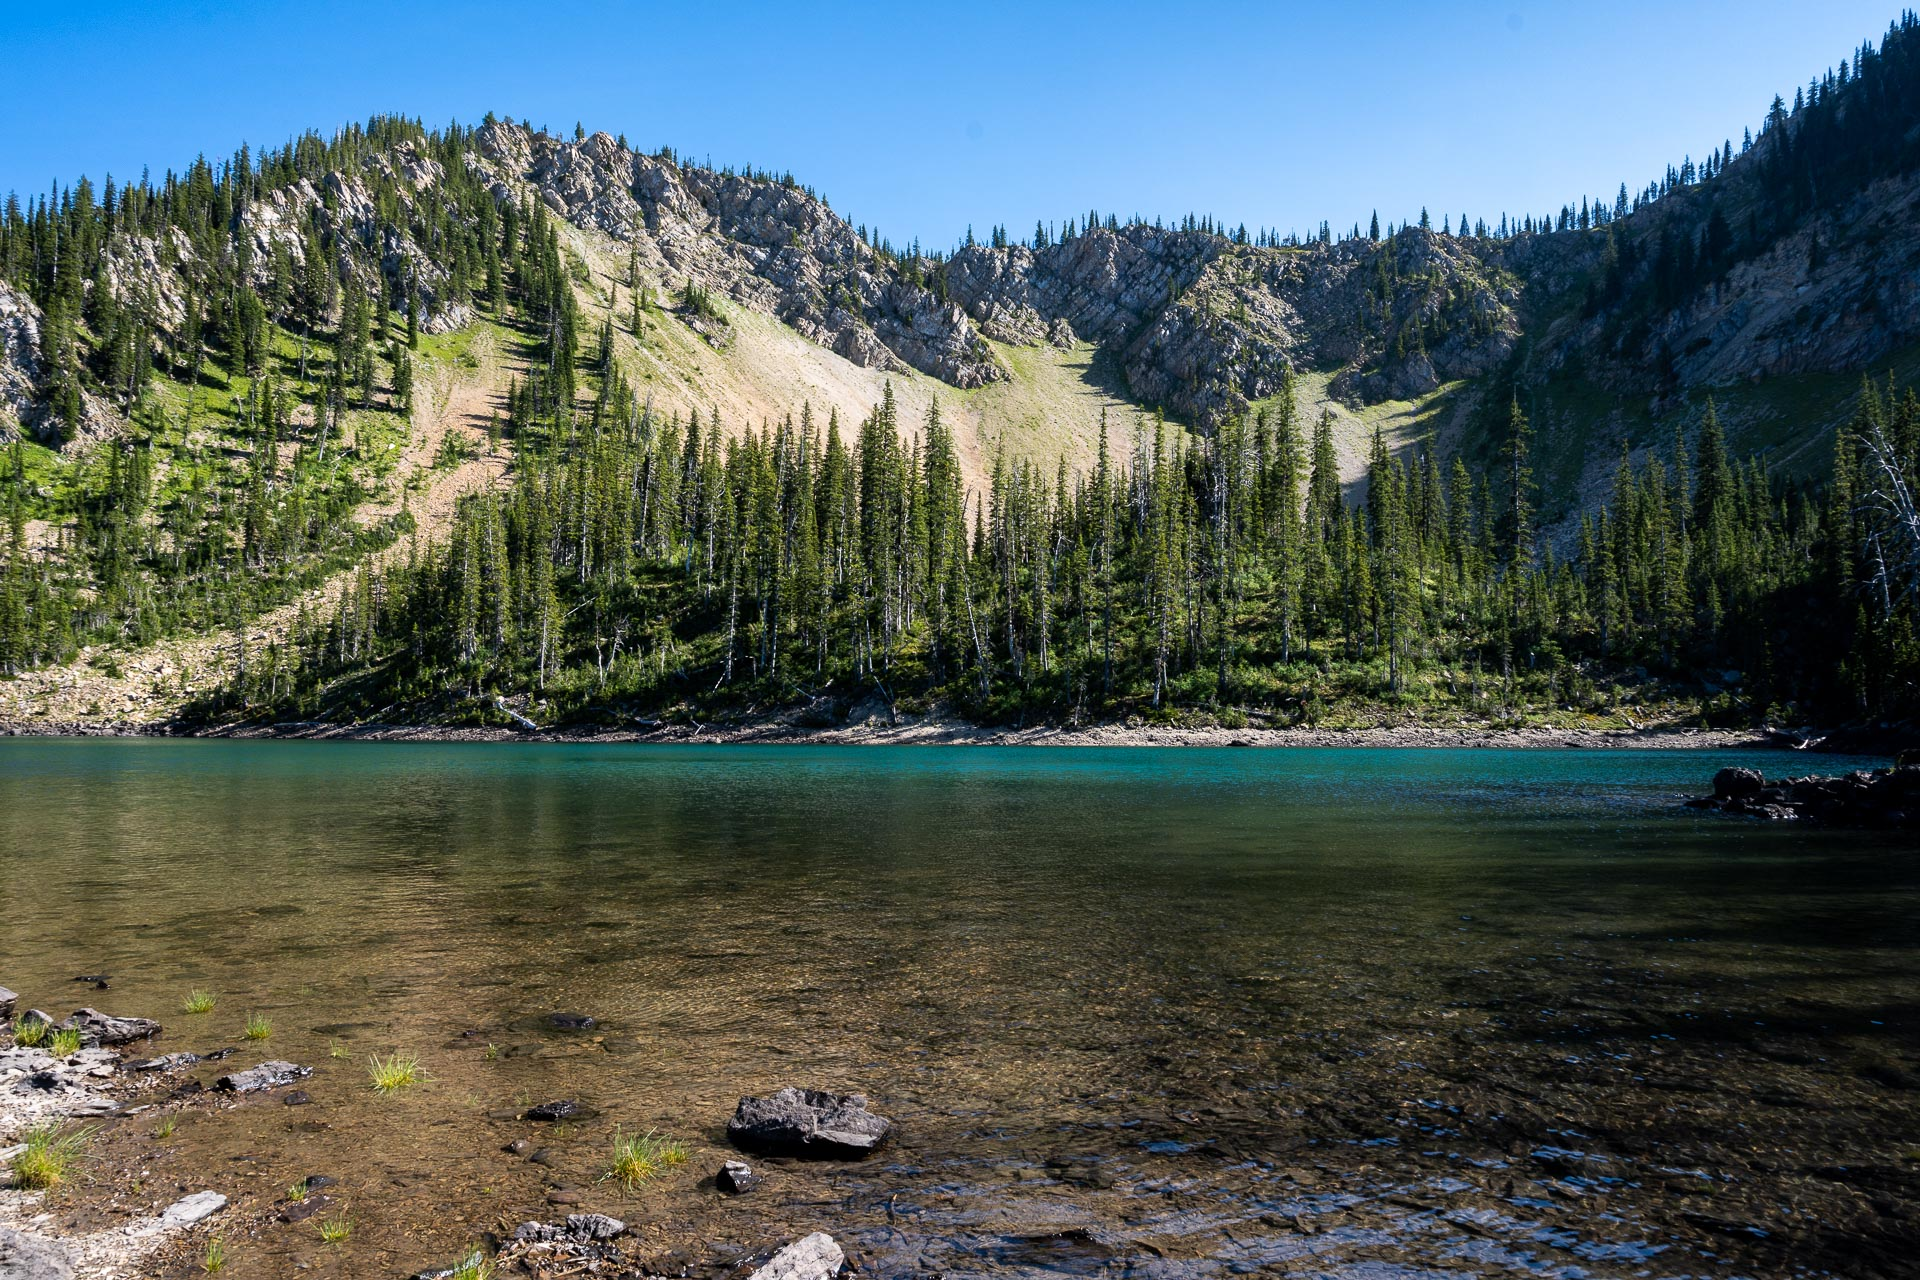 Doris Lakes